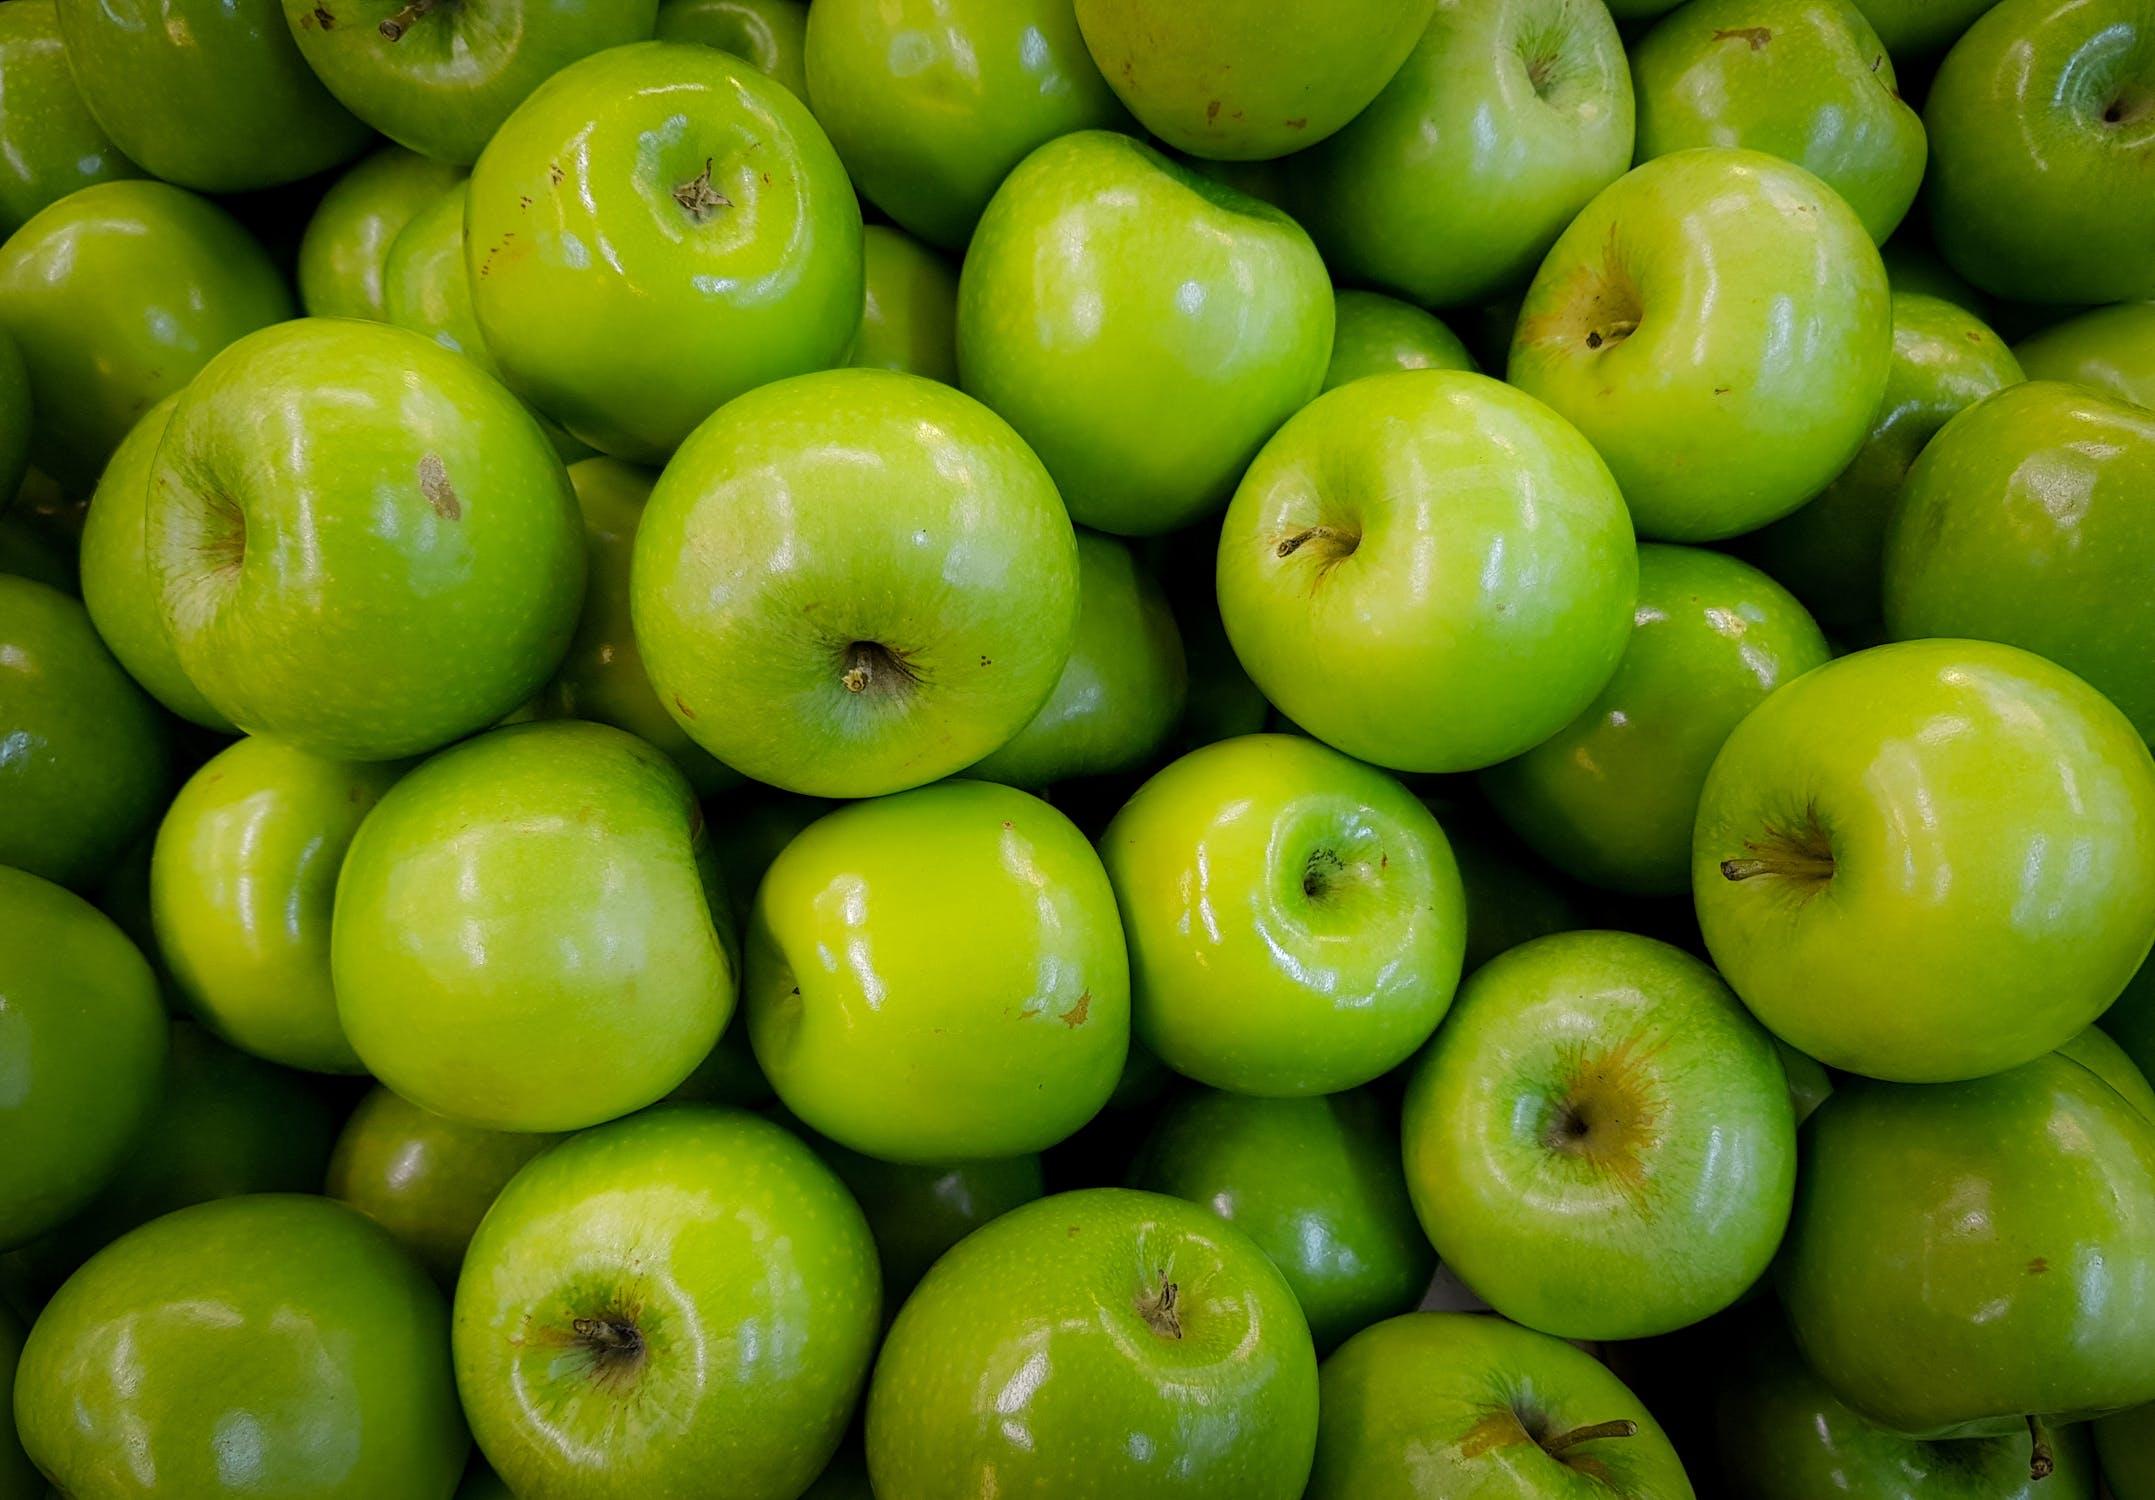 بالصور اكل التفاح الاخضر في المنام , معني تناول التفاح الاخضر في الحلم